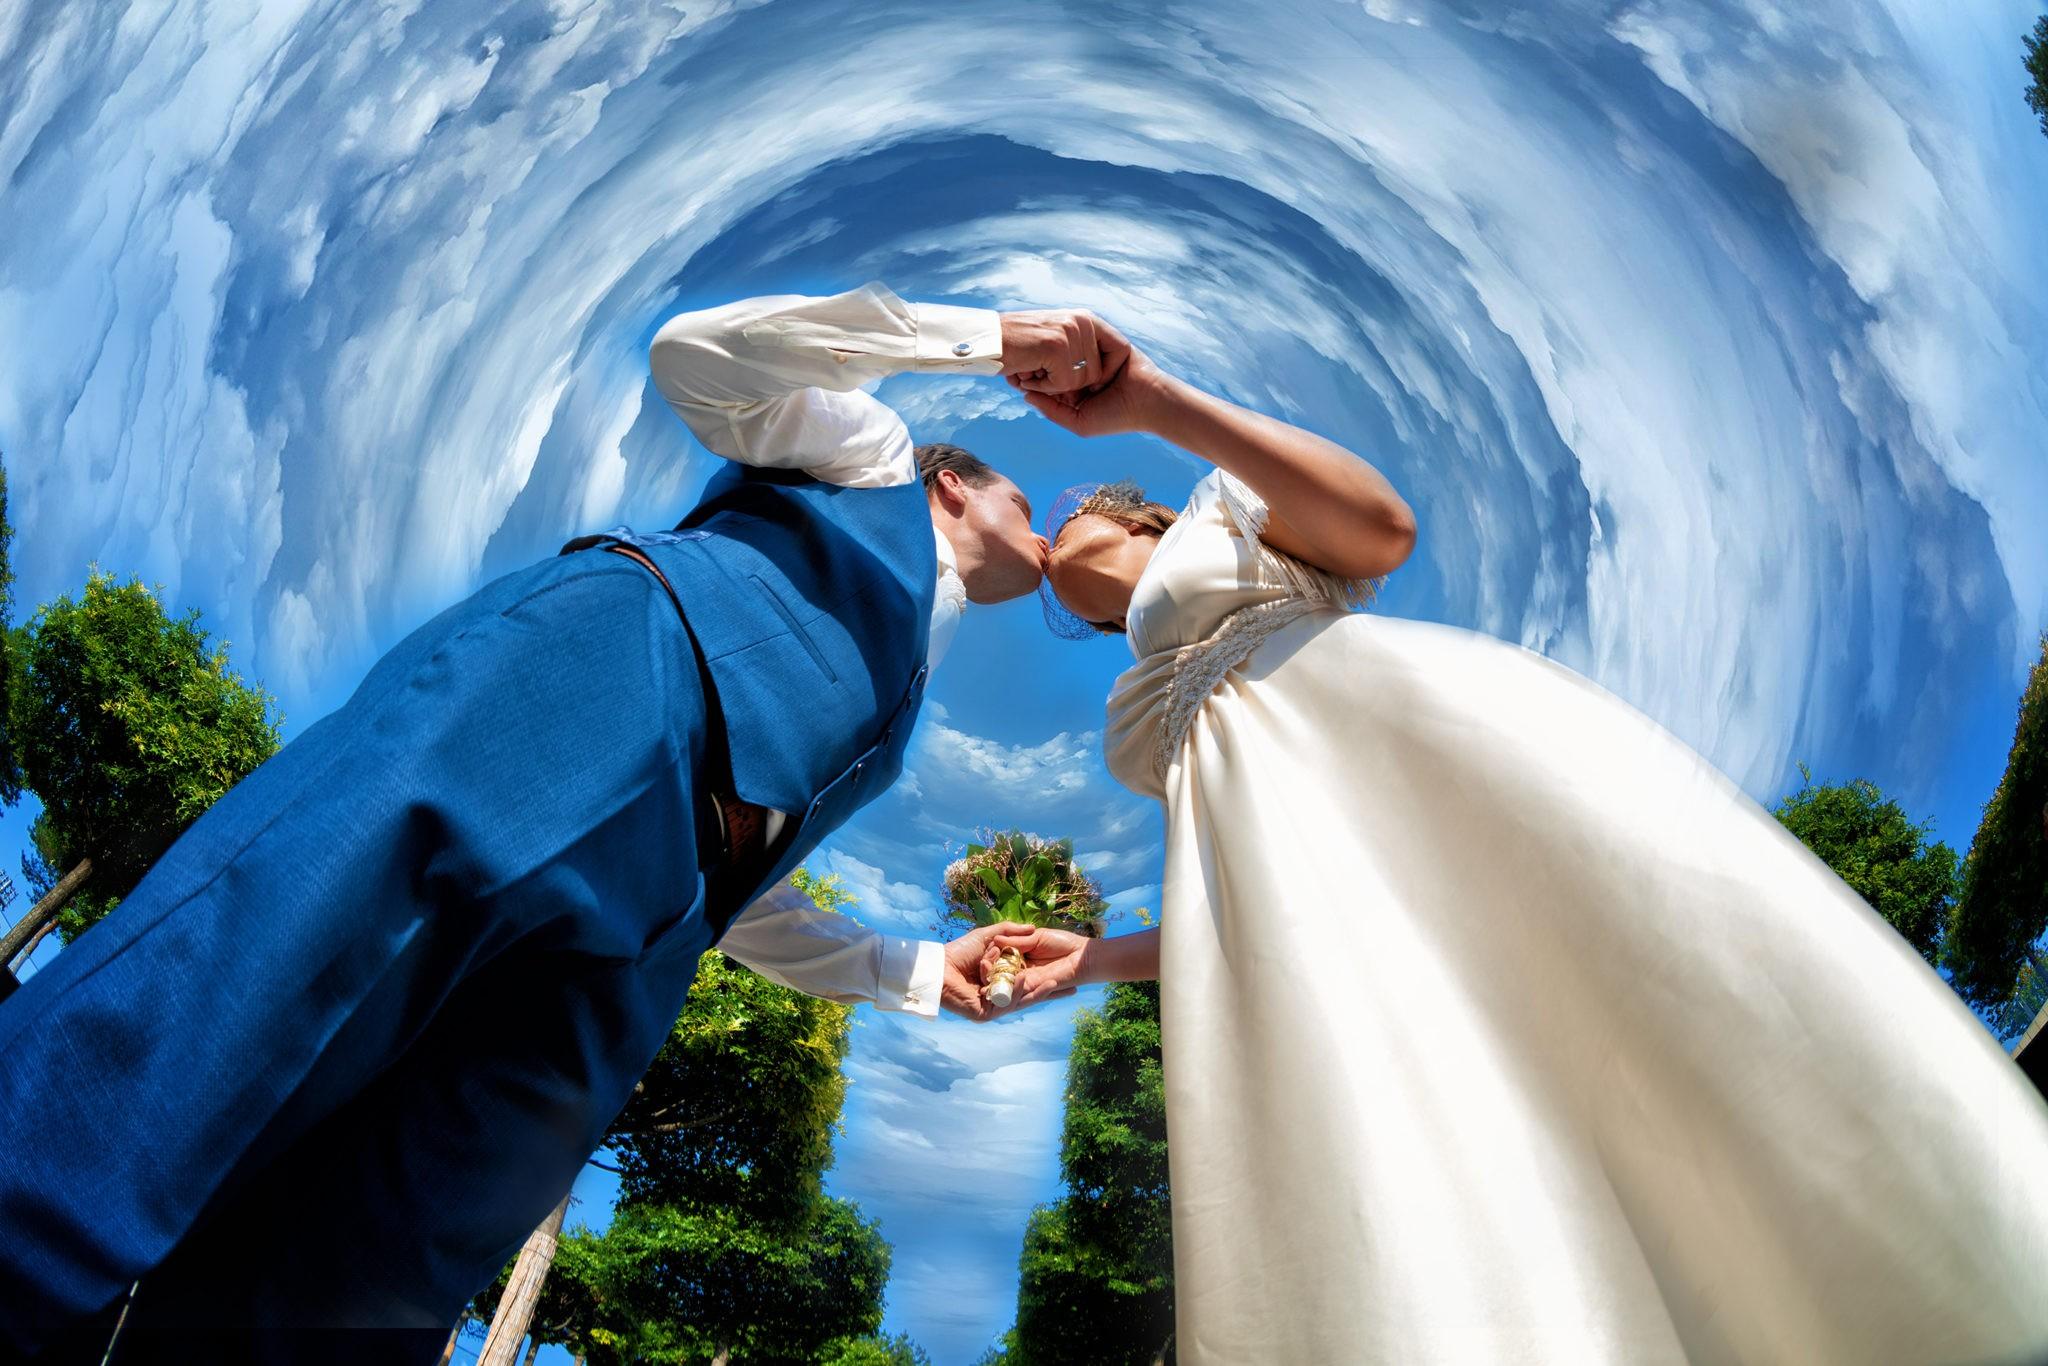 Парк Галицкого, амфитеатр, г Краснодар. Свадебная фотосъемка от Краснодарского свадебного фотографа